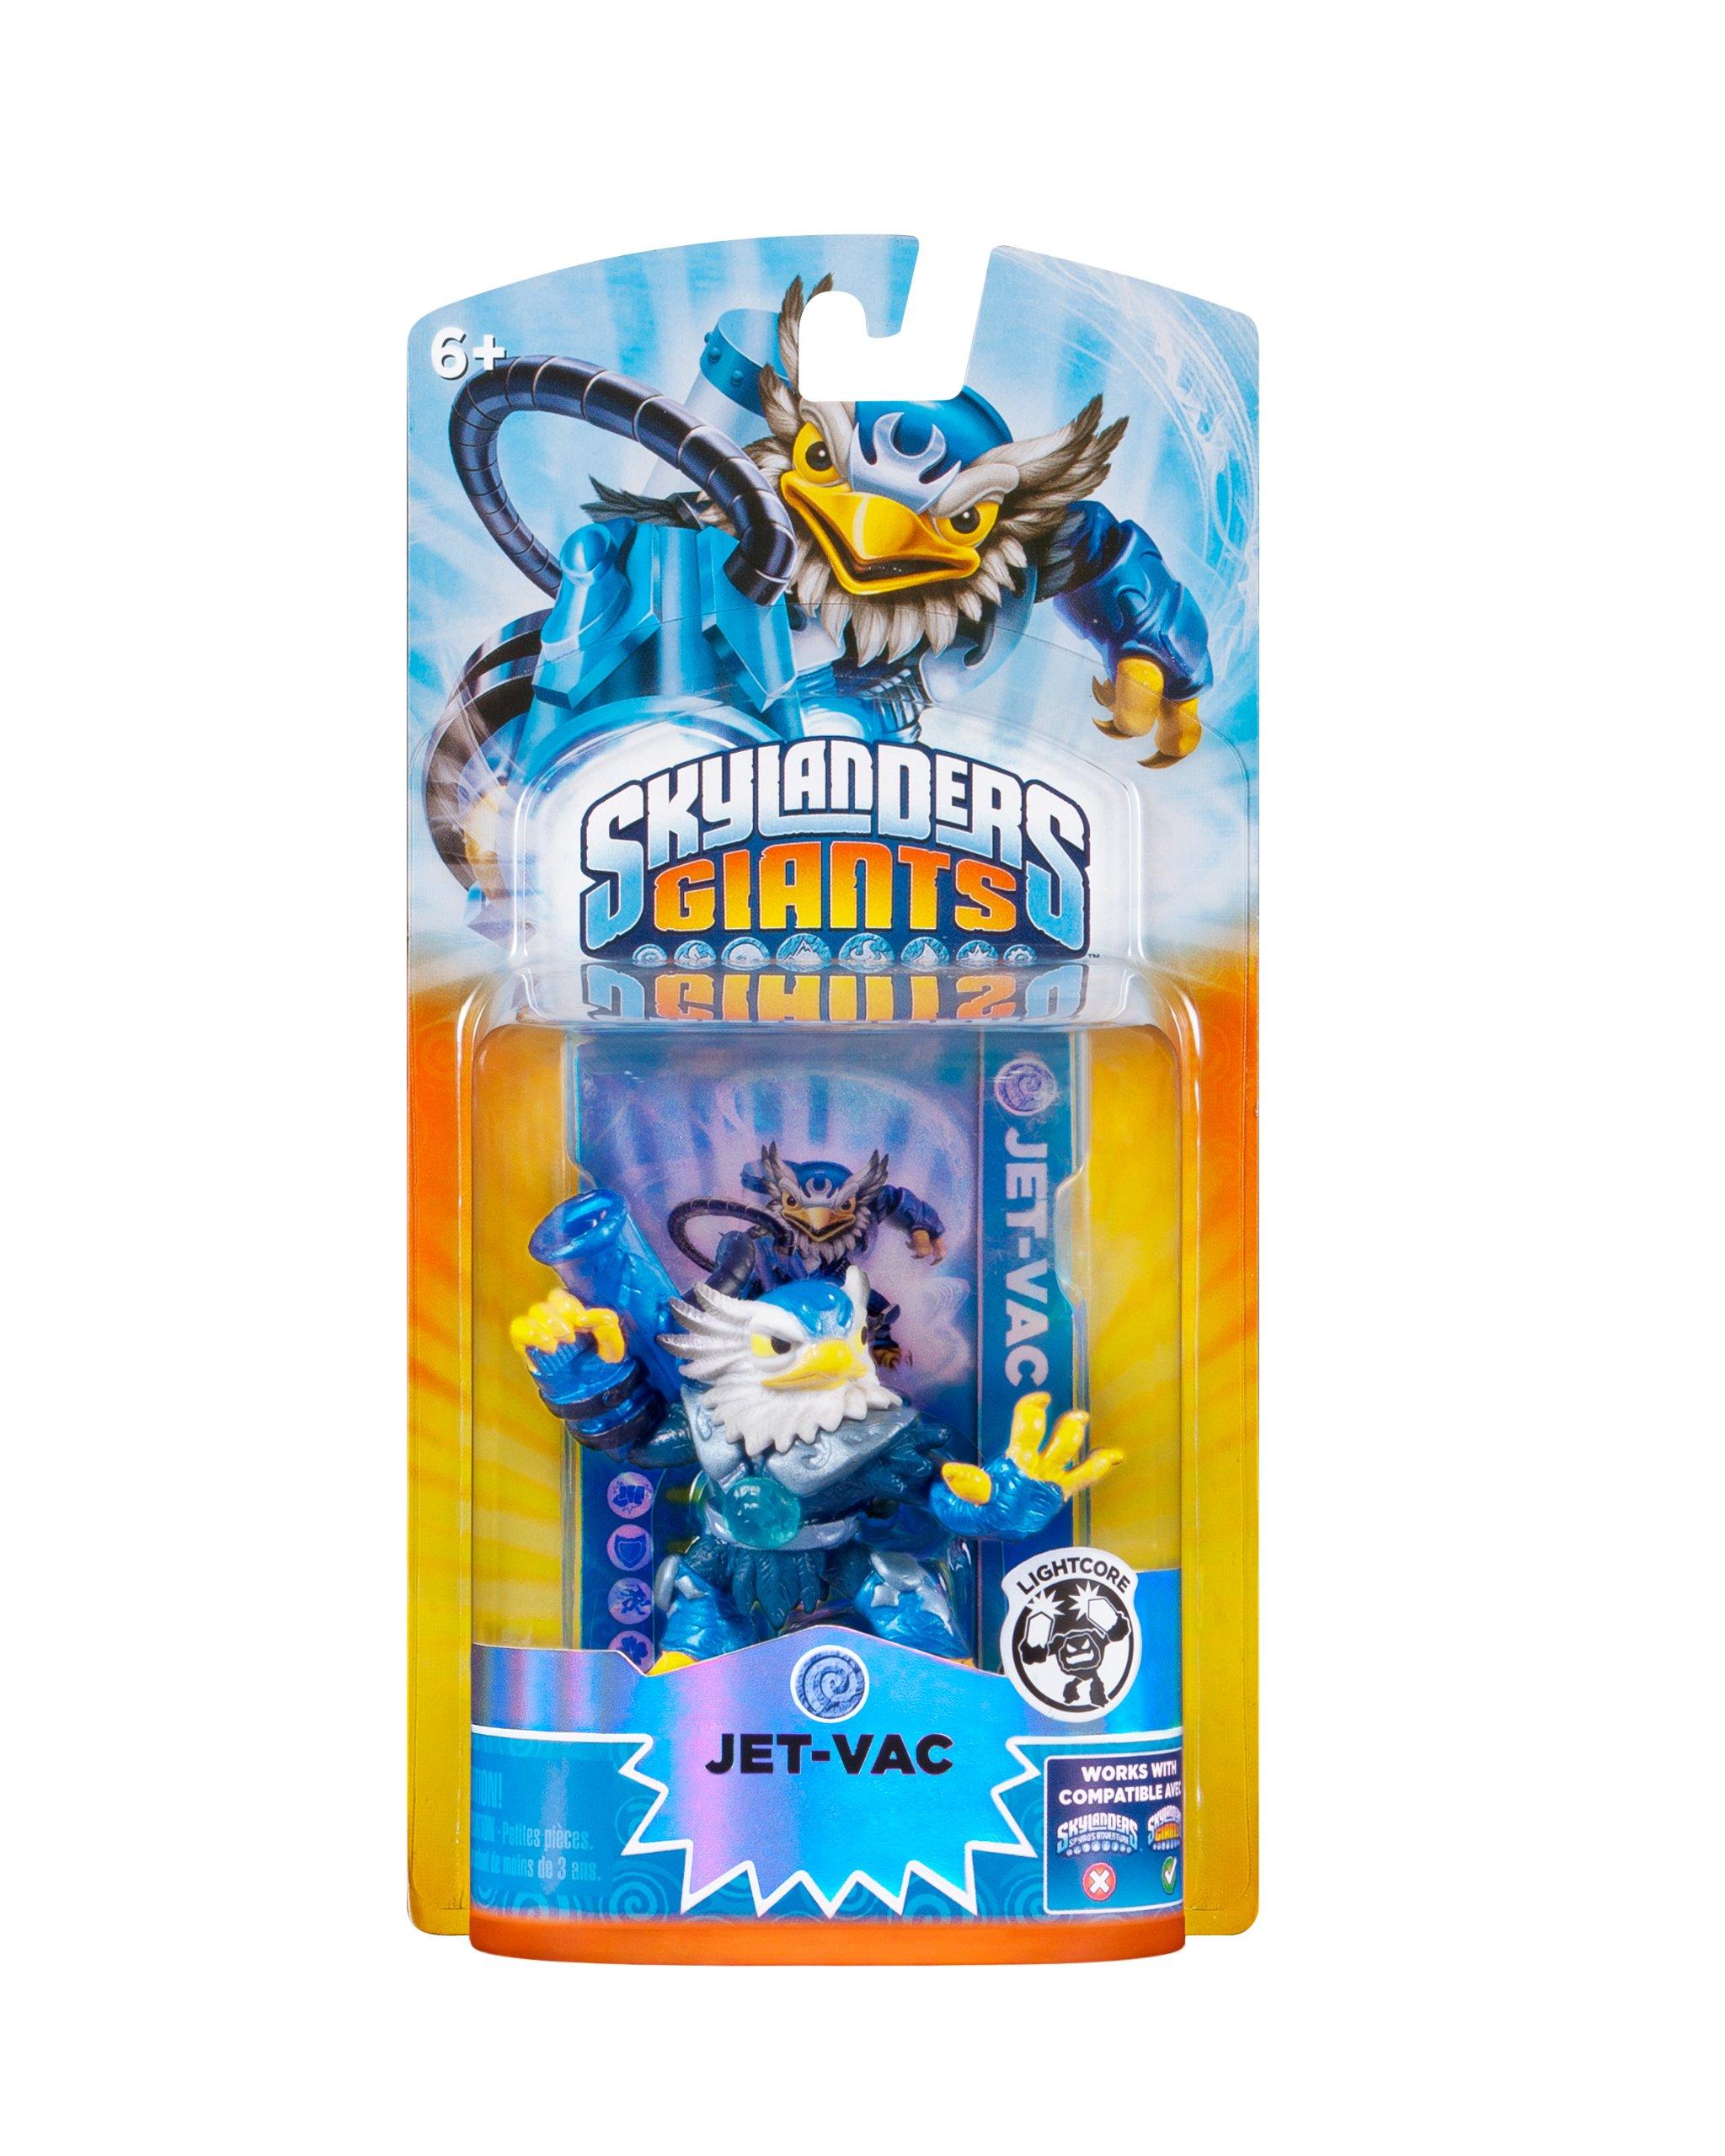 Amazon.com: Skylanders Giants: Lightcore Jet-Vac Character: no ...